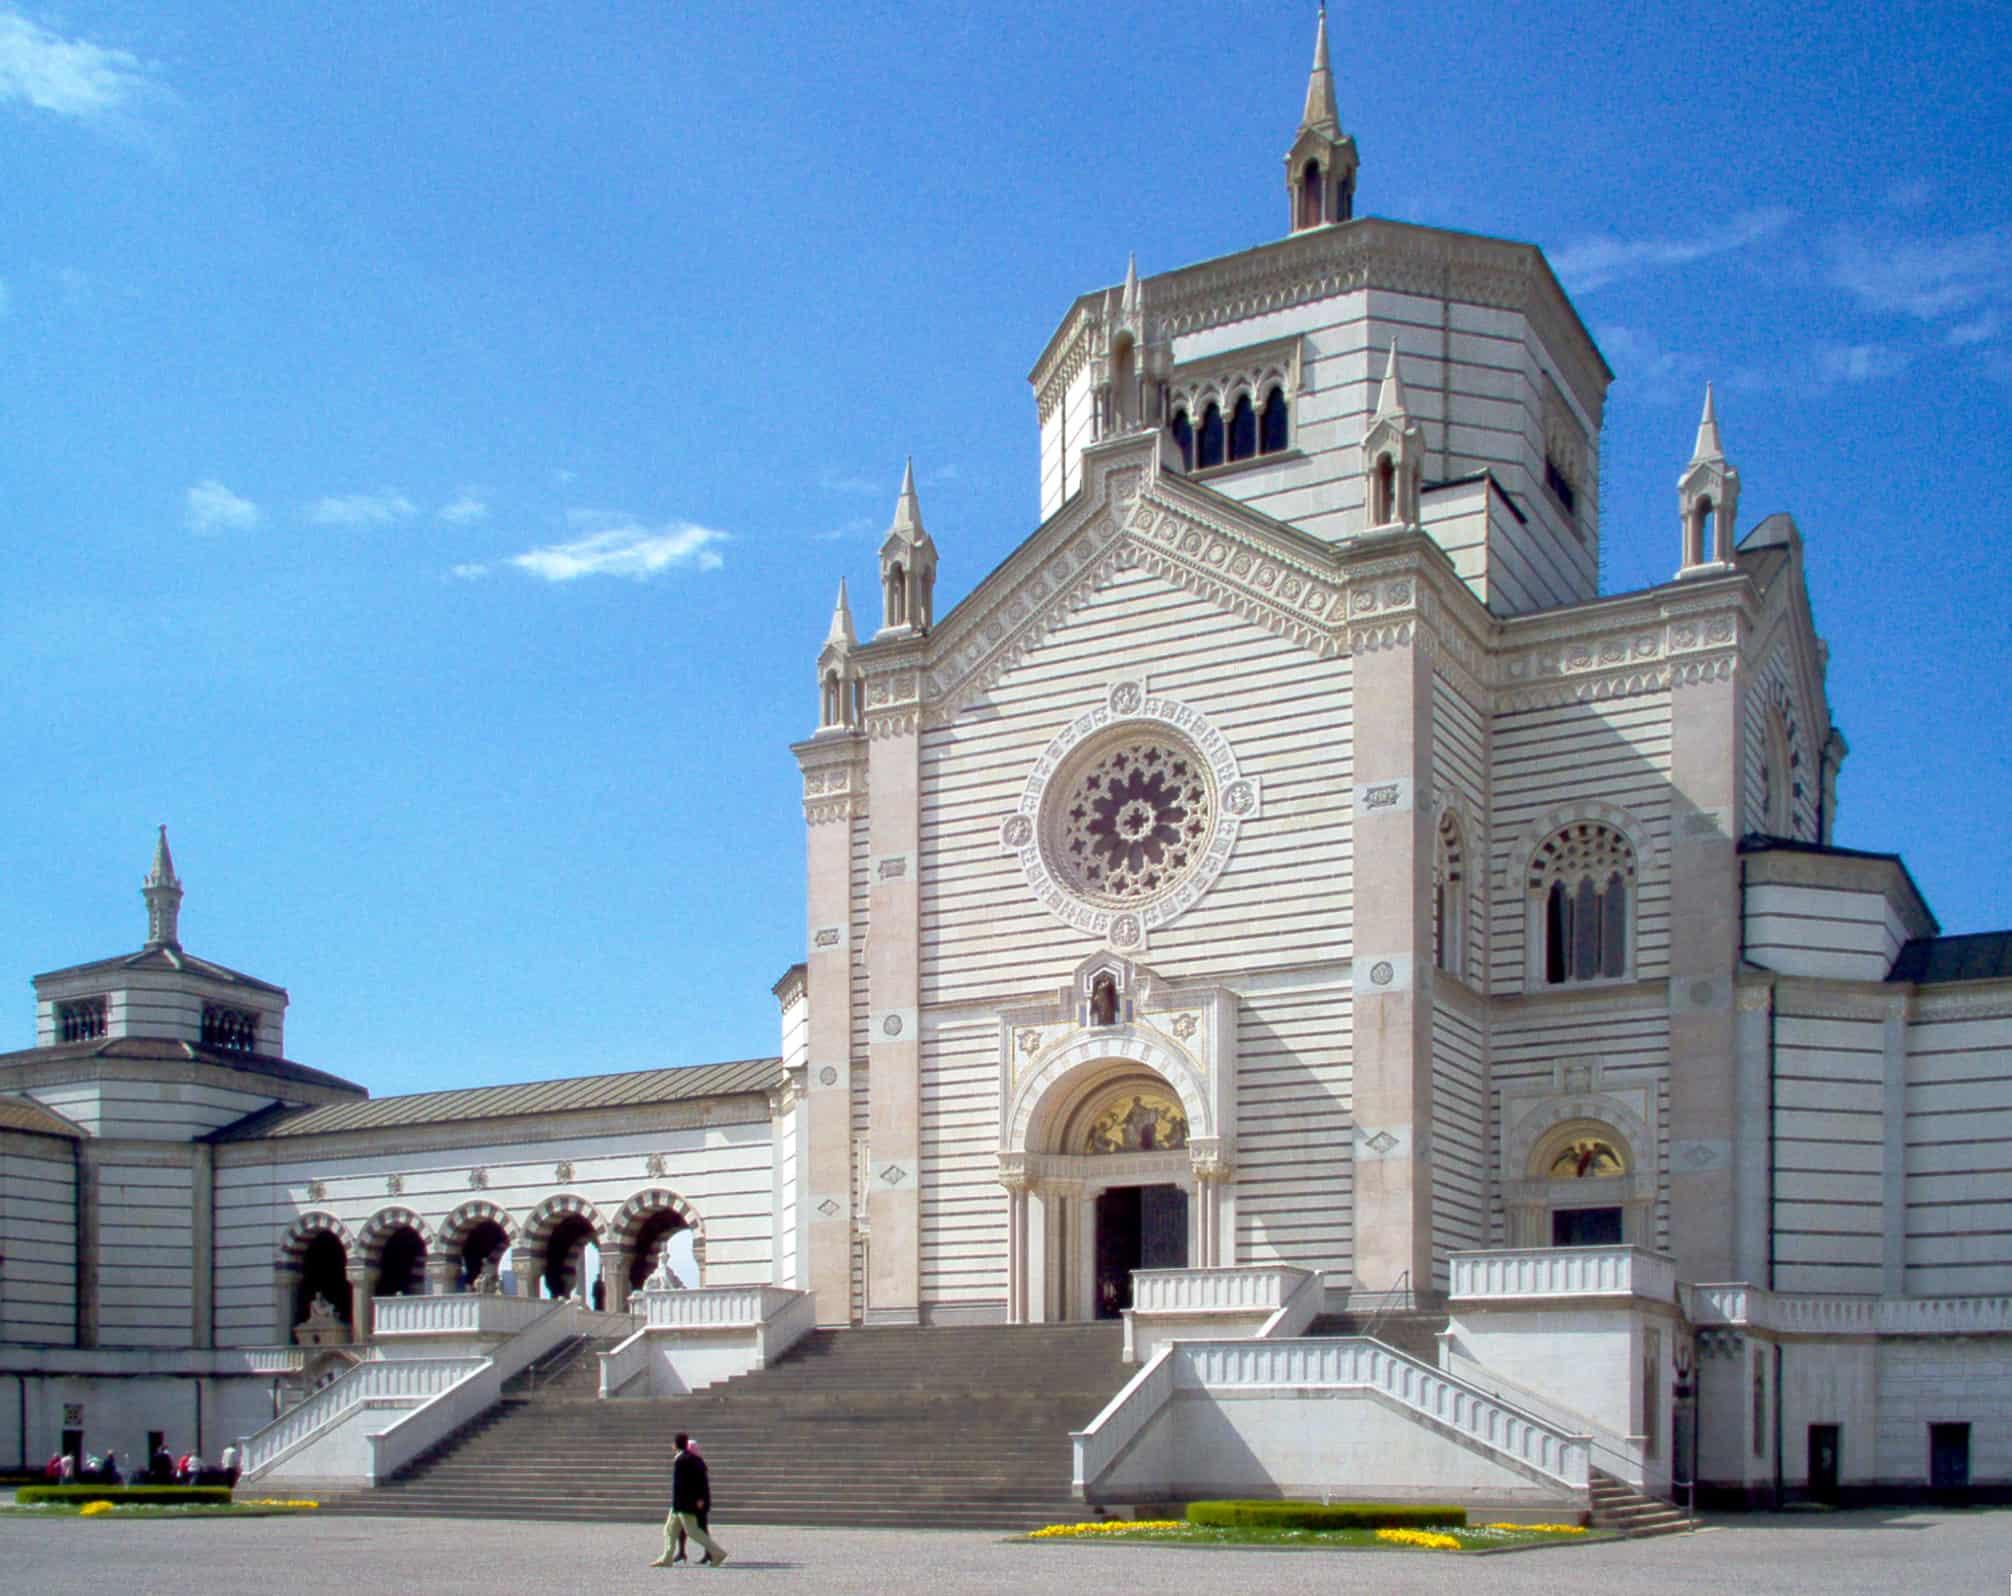 Cimitero Monumentale di Milán